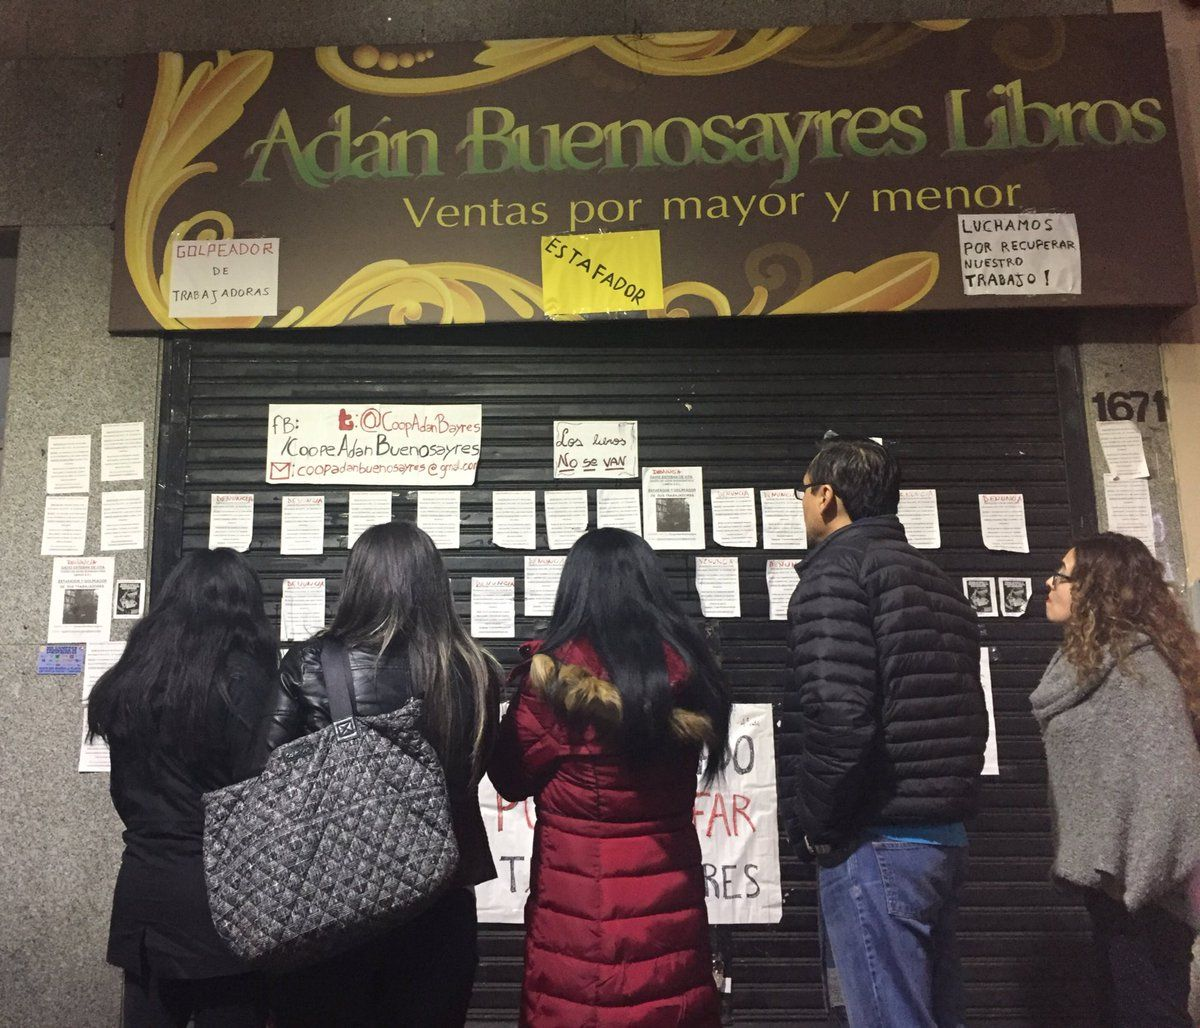 Denuncian al dueño de Adán Buenosayres por estafa a sus empleados